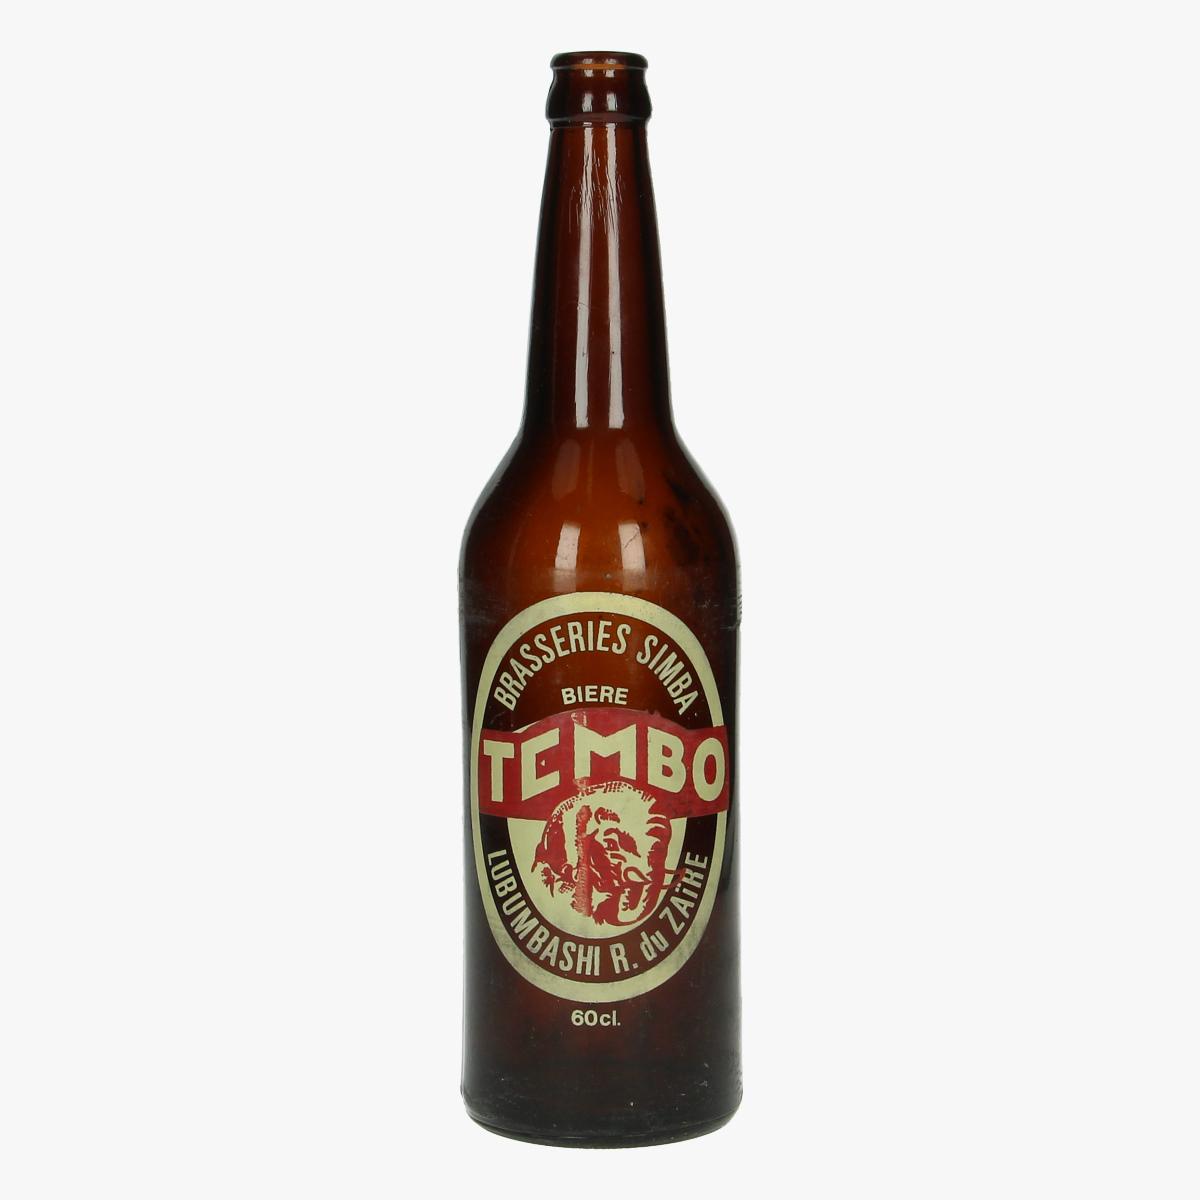 Afbeeldingen van oude bierfles brasseries simba tembo